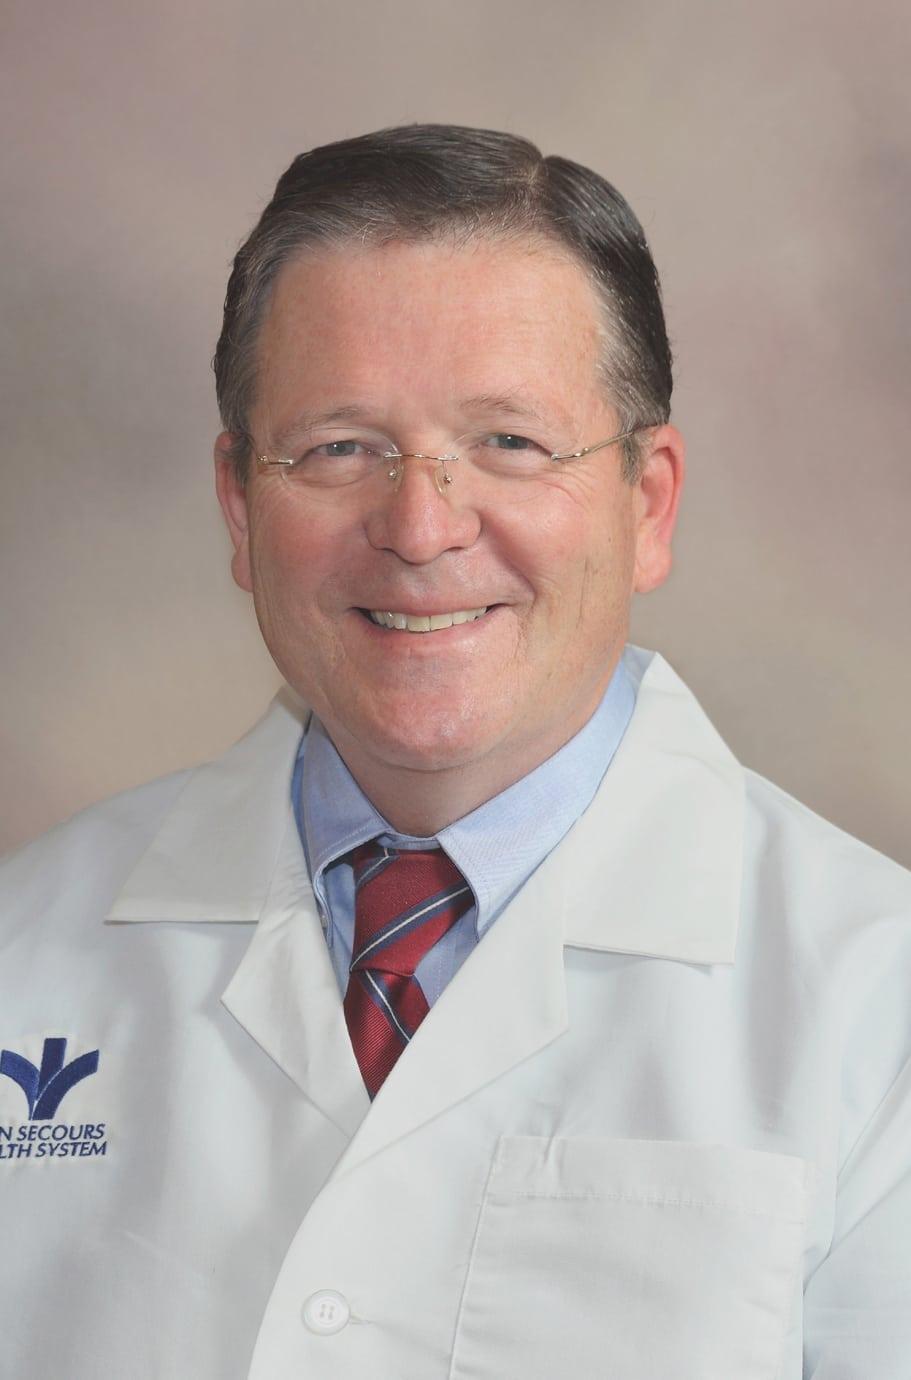 Dr. Daniel E Boyle MD